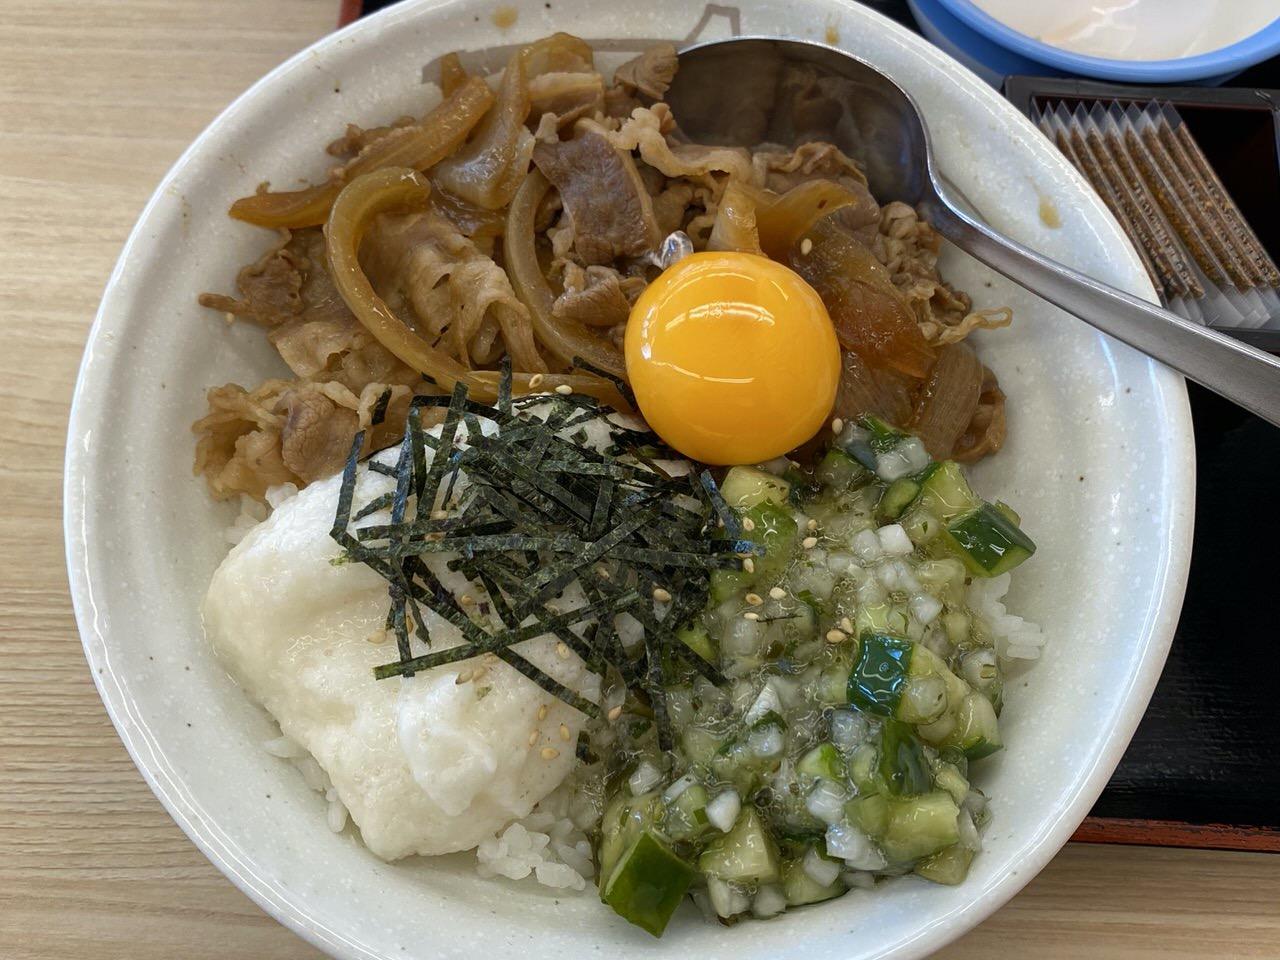 【松屋】暑い日にさっぱりと美味い!茎わさび&とろろ「山形だしの三色丼」食べてみた